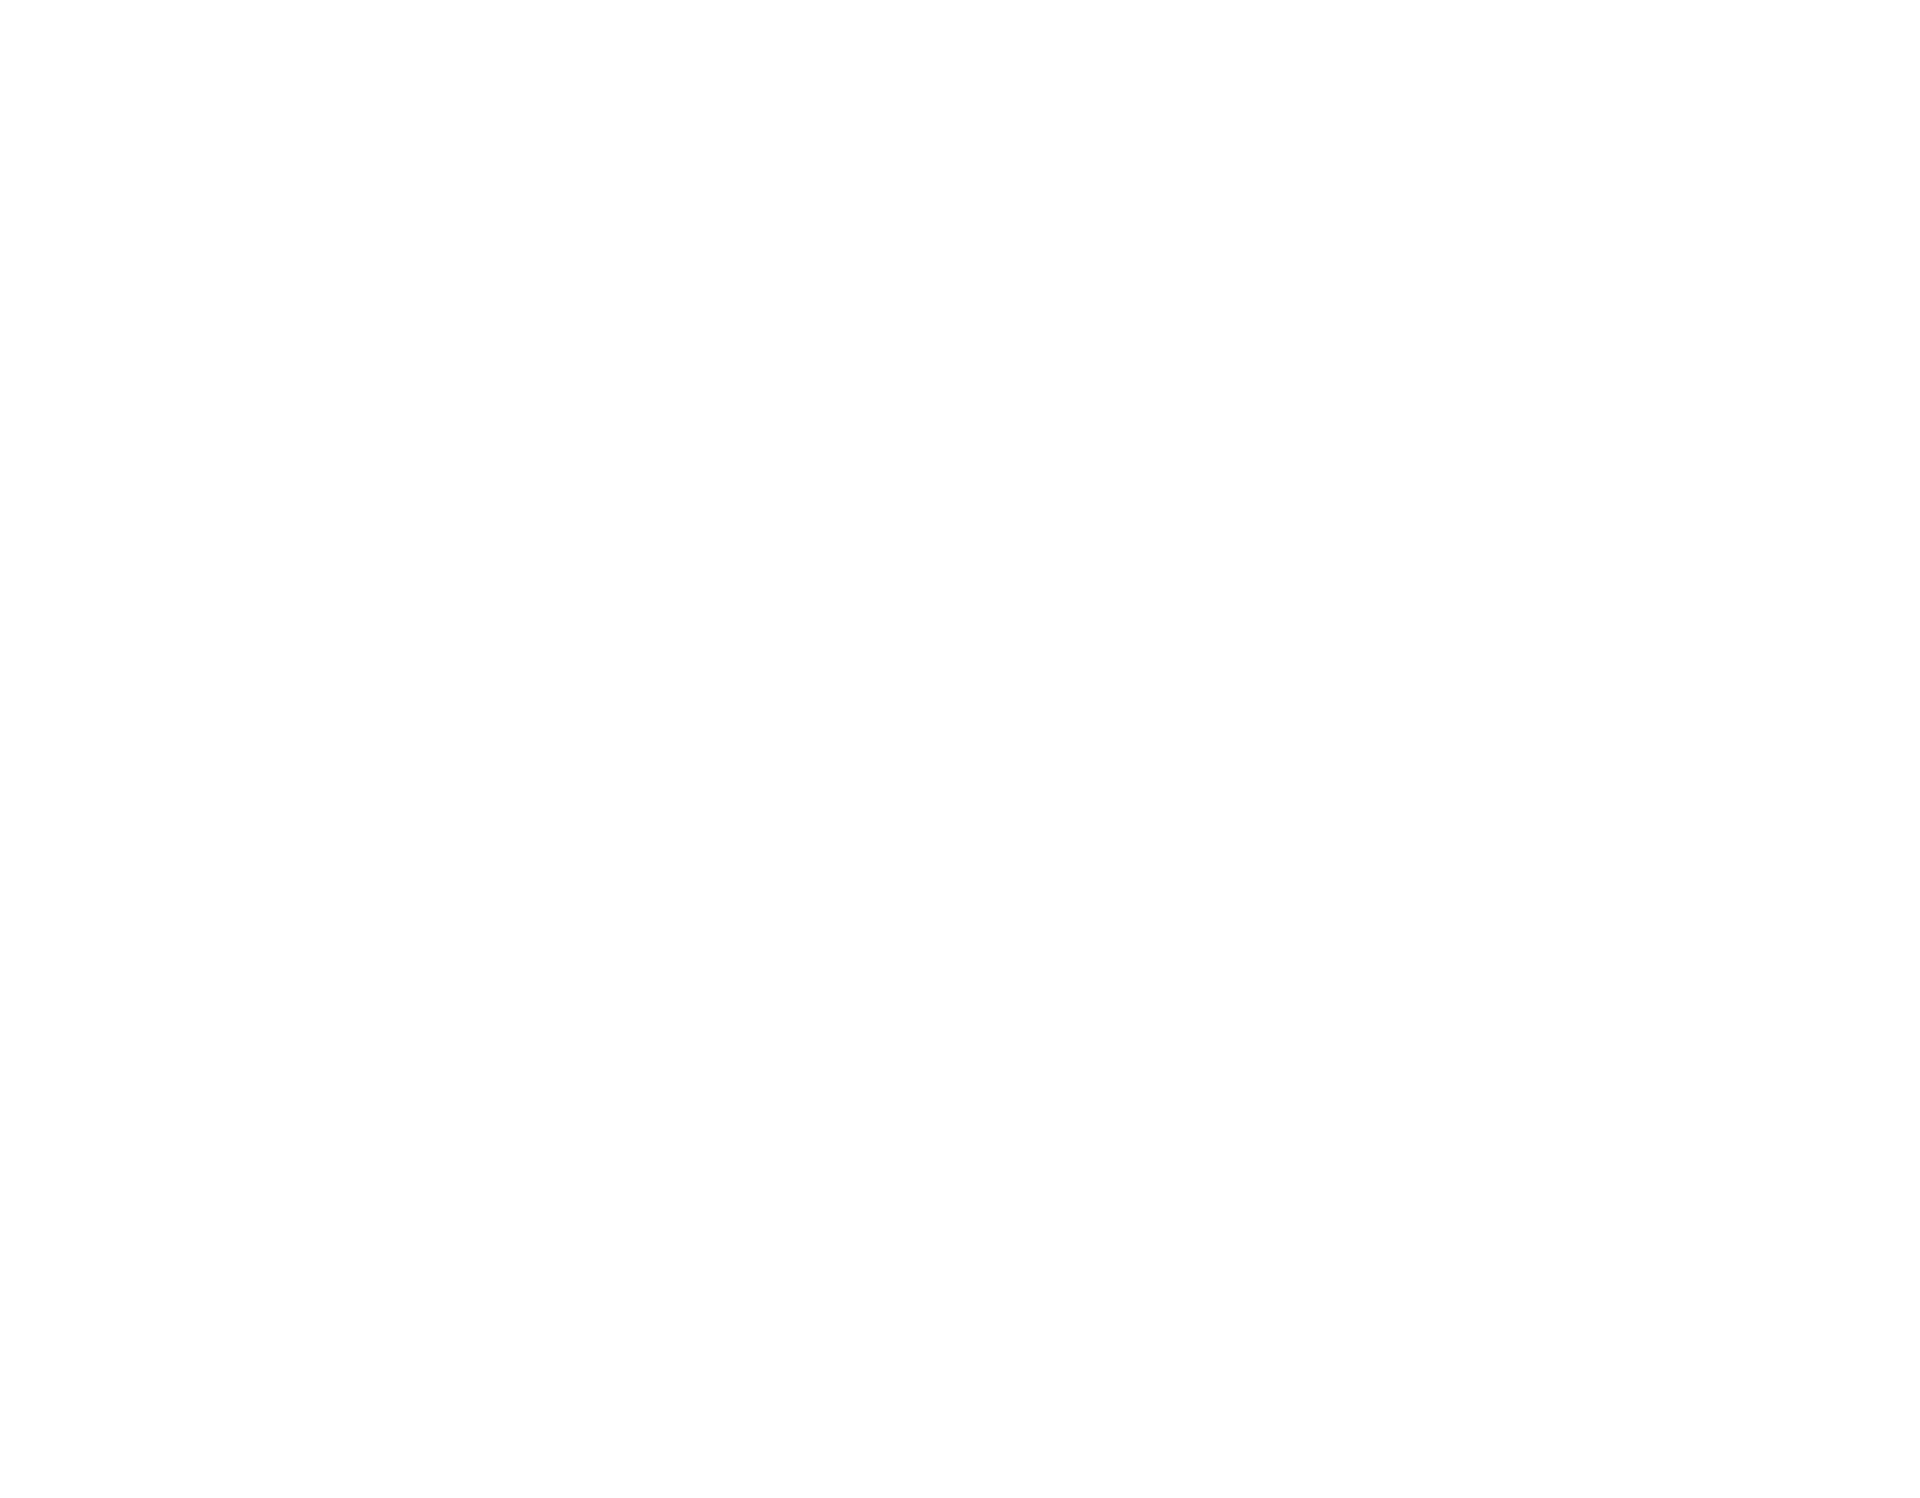 Αυτογνωσία (Από τον Κήπο του Προφήτη, του Χαλίλ Γκιμπράν)